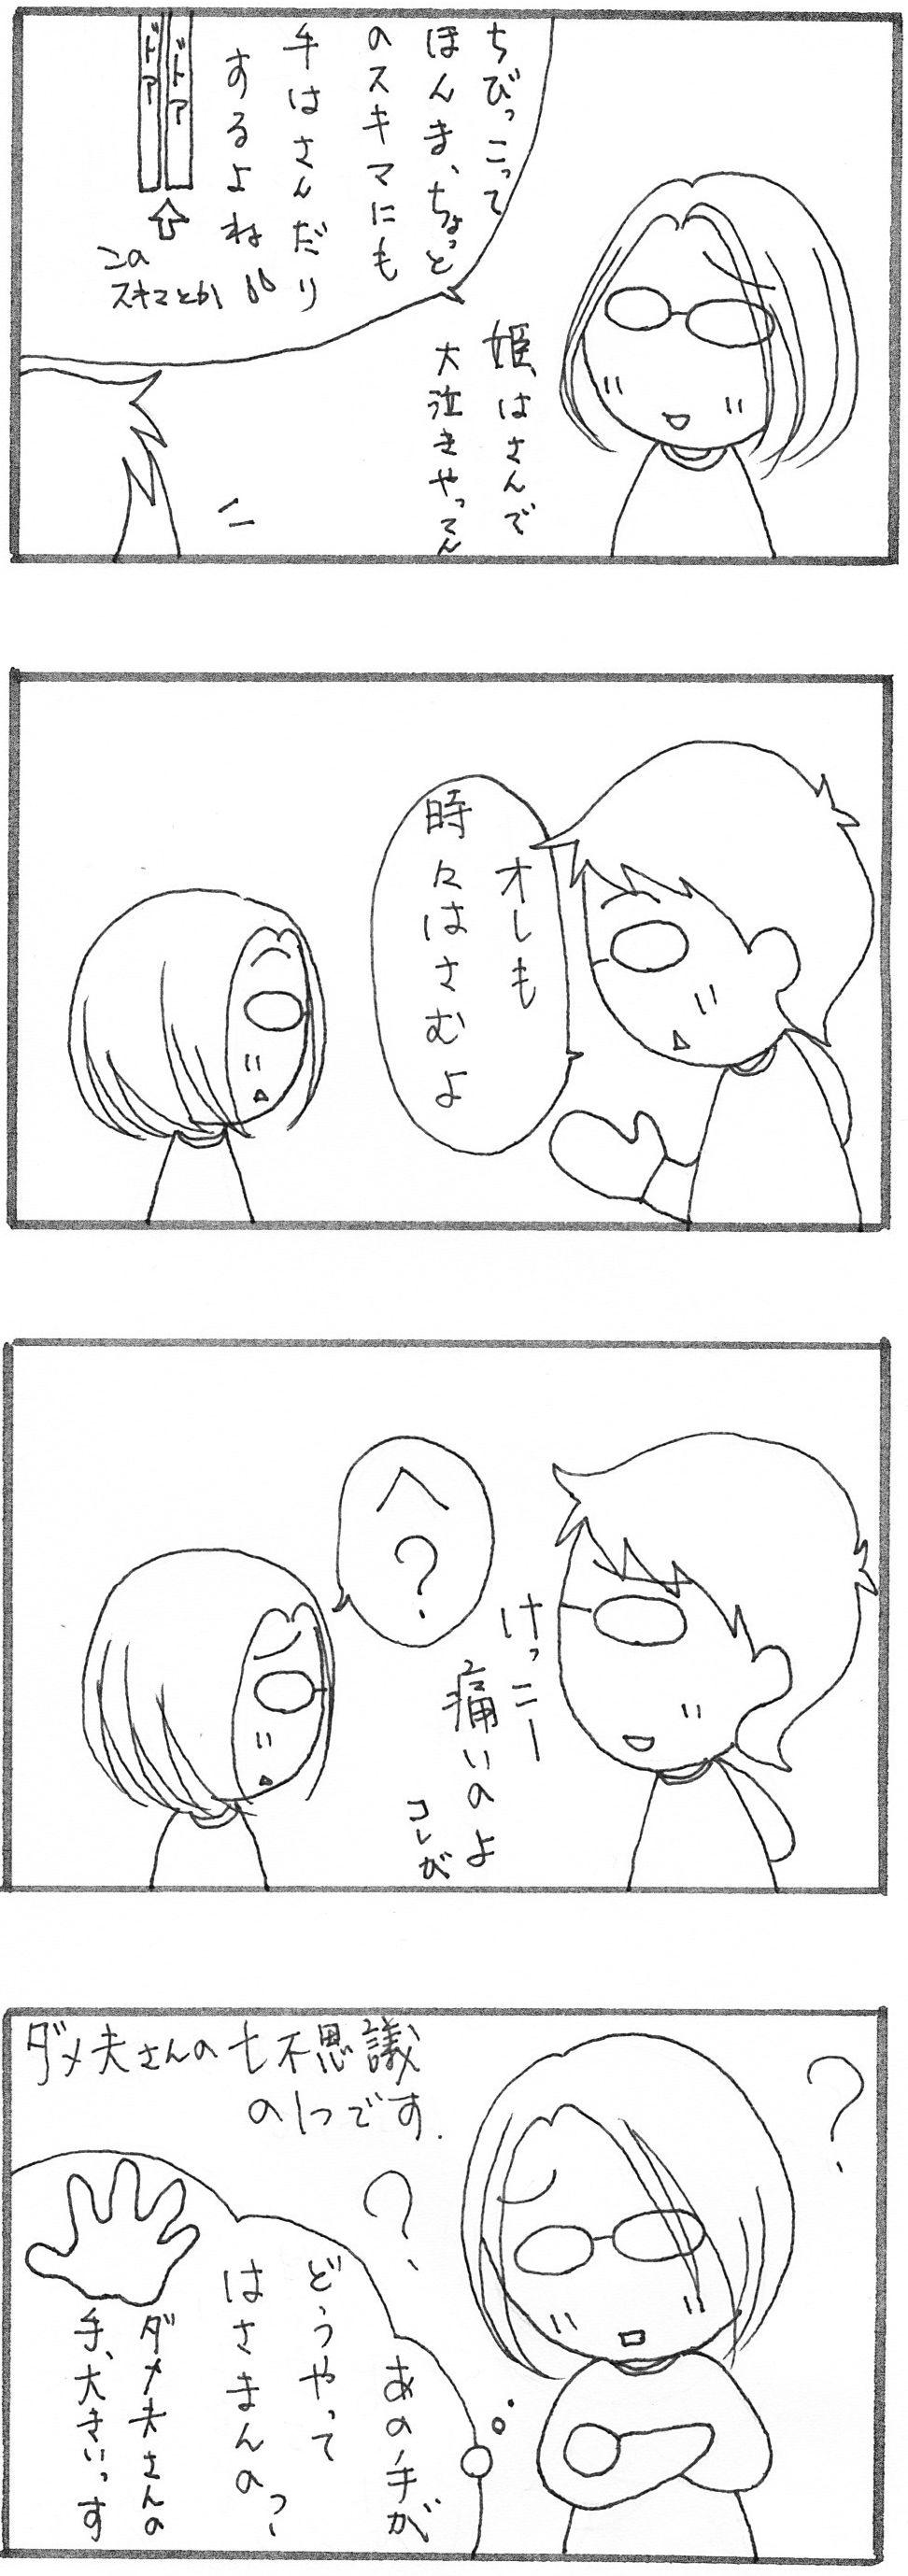 ダメ夫七不思議